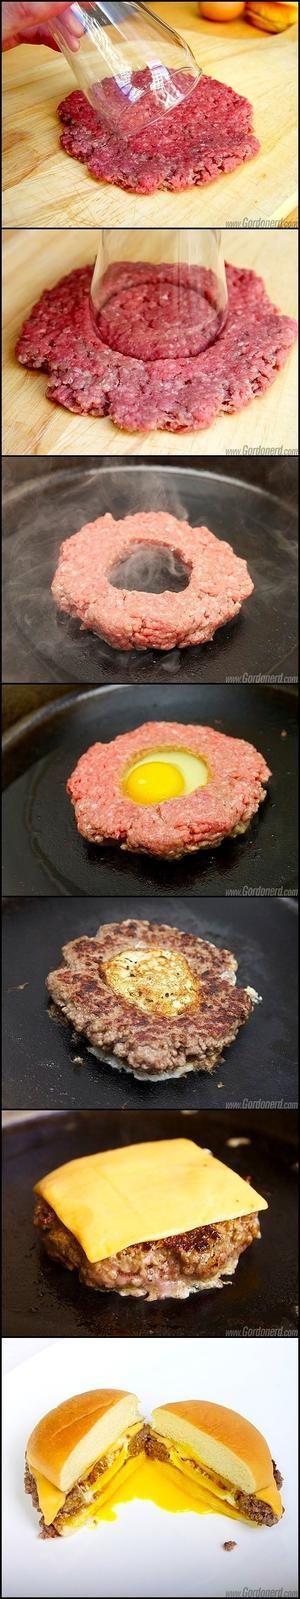 Bekijk de foto van siebky met als titel lekkere cheesburger met ei en andere inspirerende plaatjes op Welke.nl.